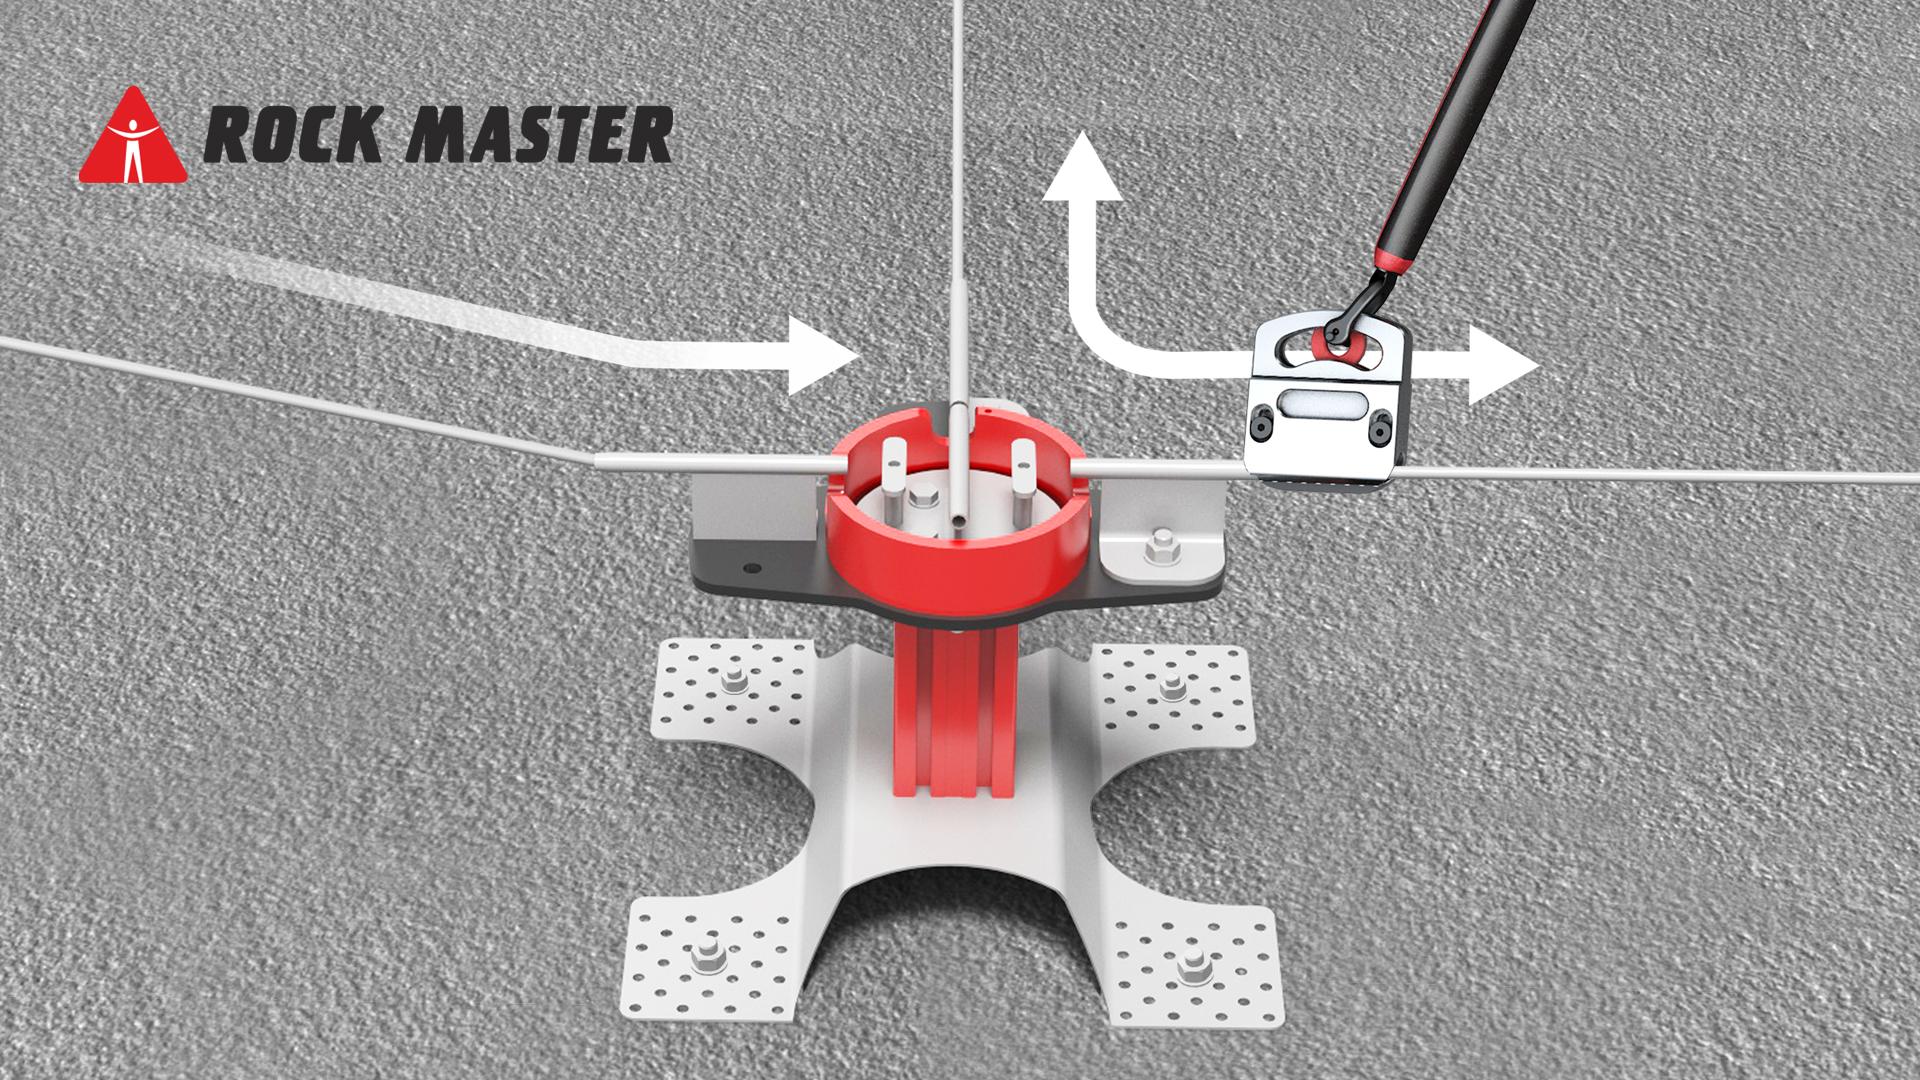 Obrotnica TRACK MASTER daje możliwość zbudowania systemu w taki sposób, aby zapewnić dostęp do każdego zakątka dachu.